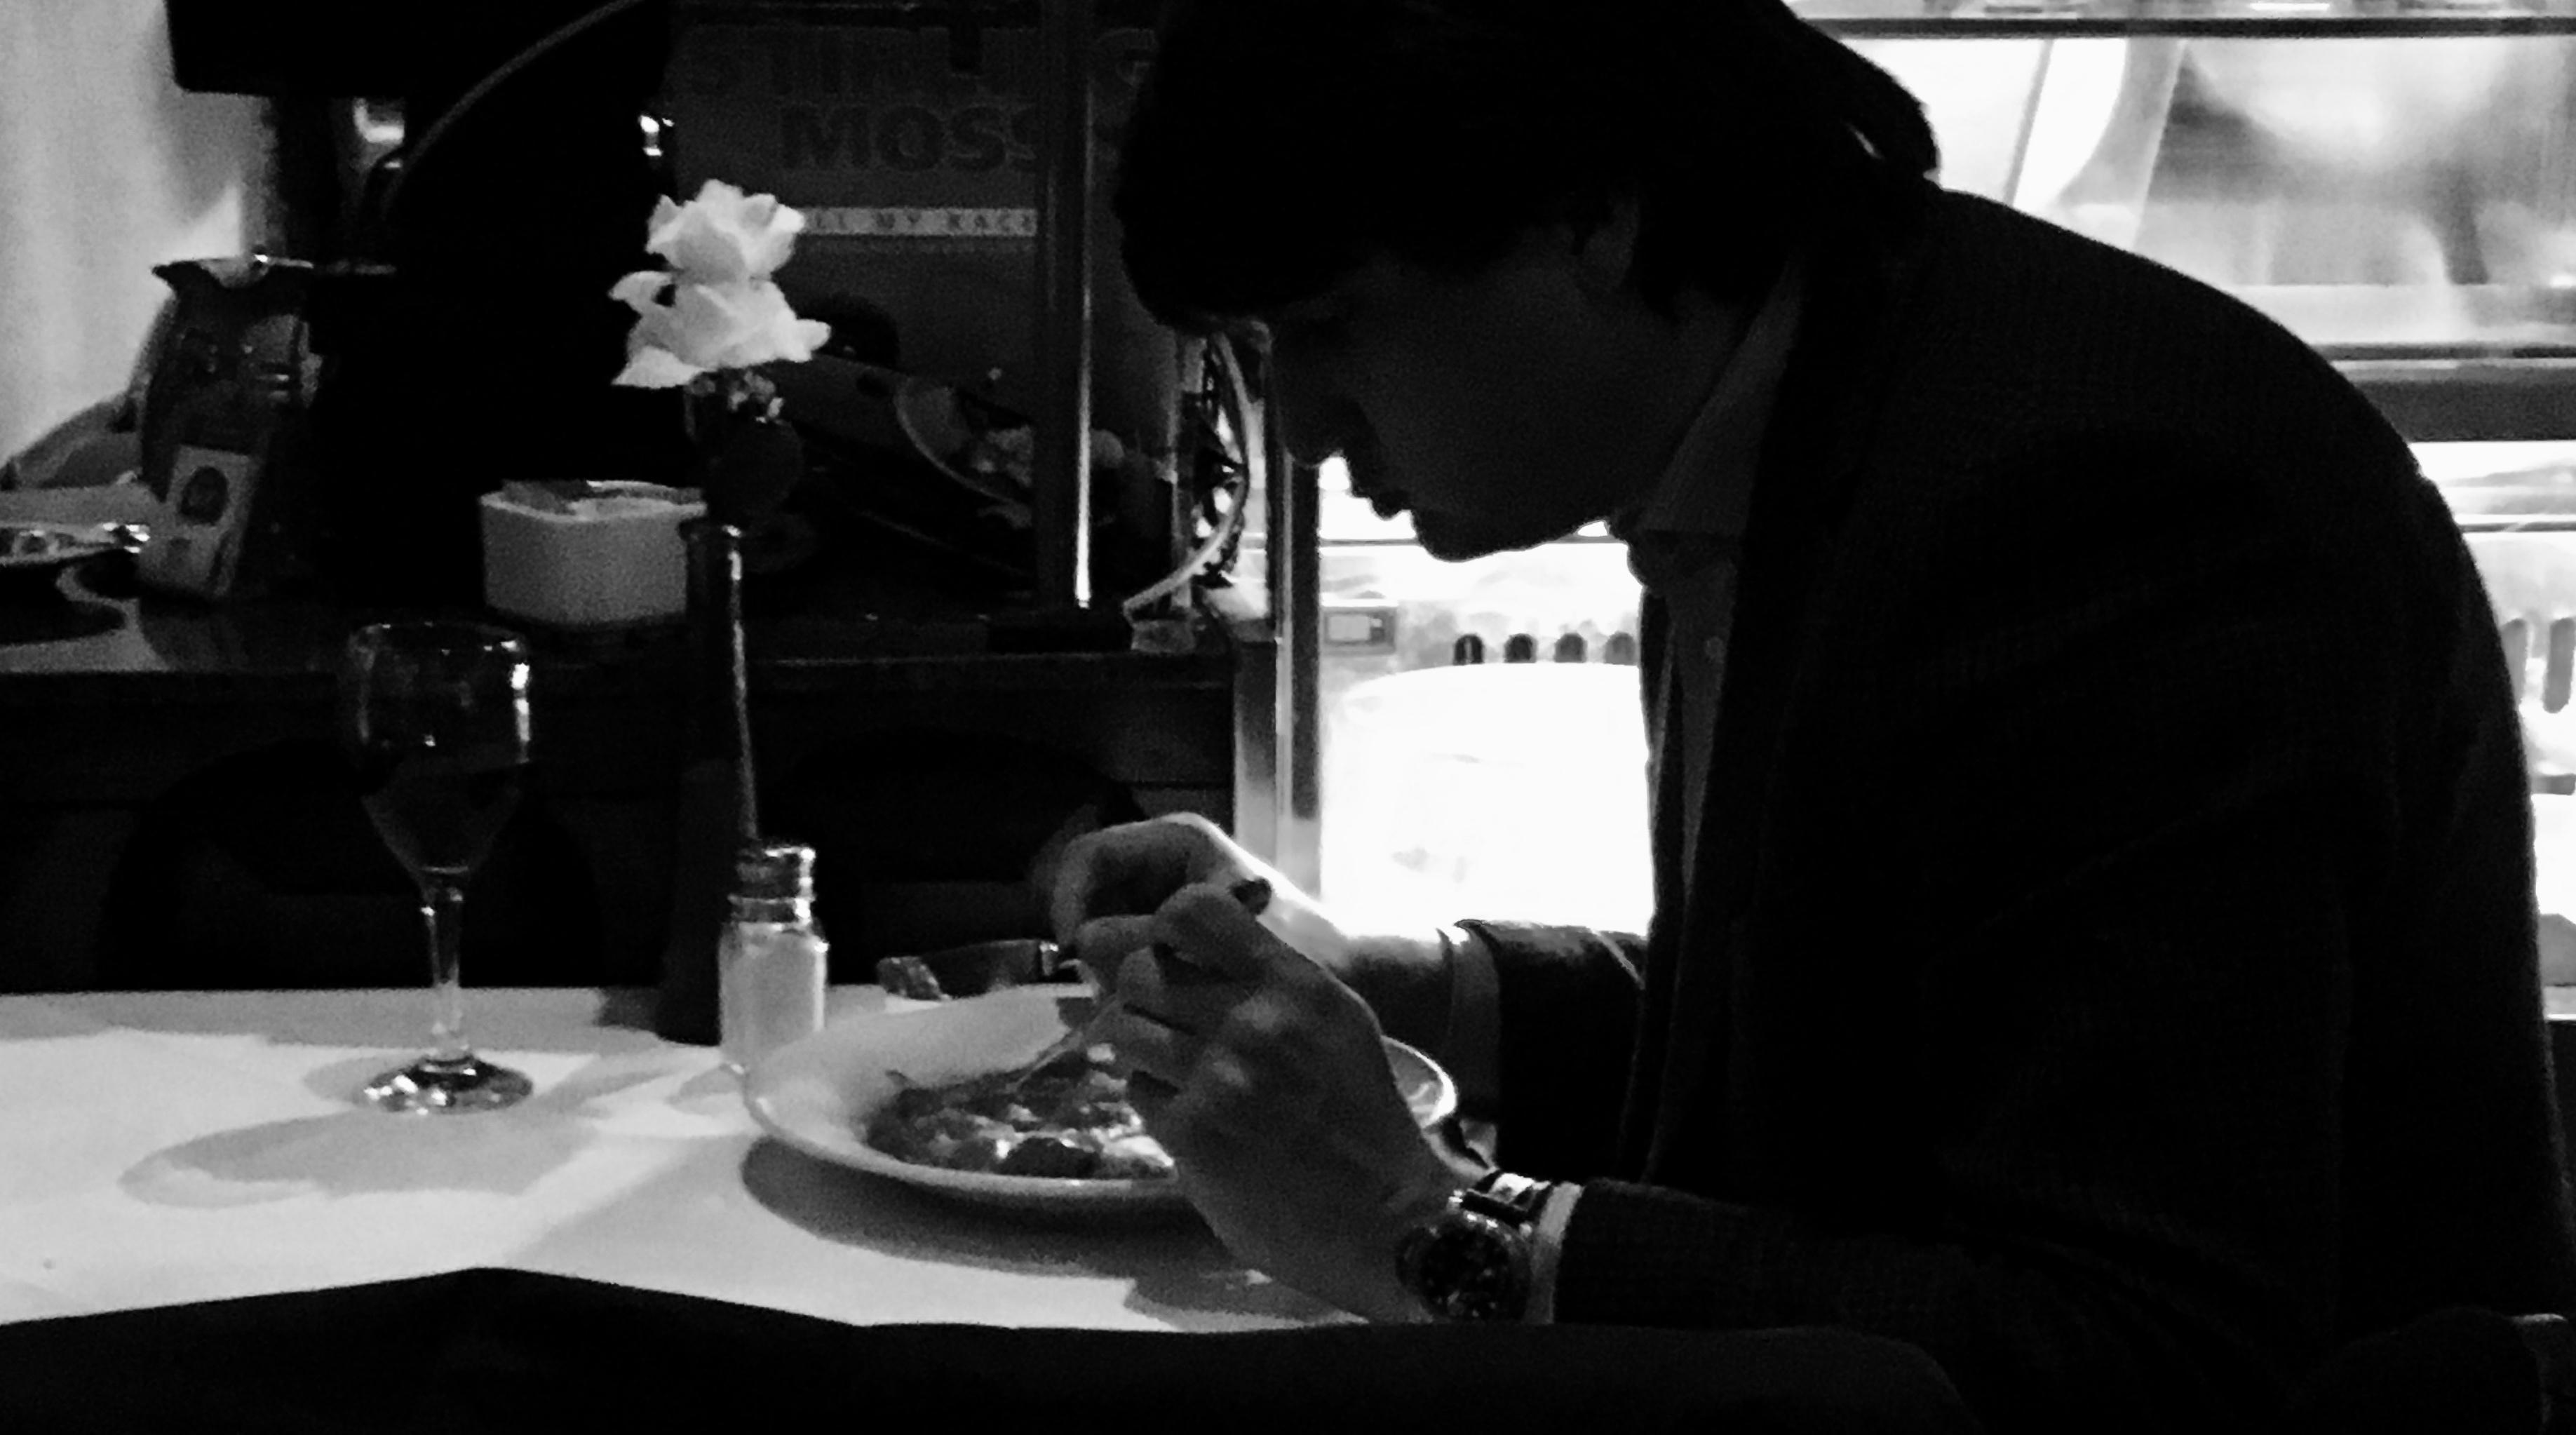 Haiku: Eating Alone in London